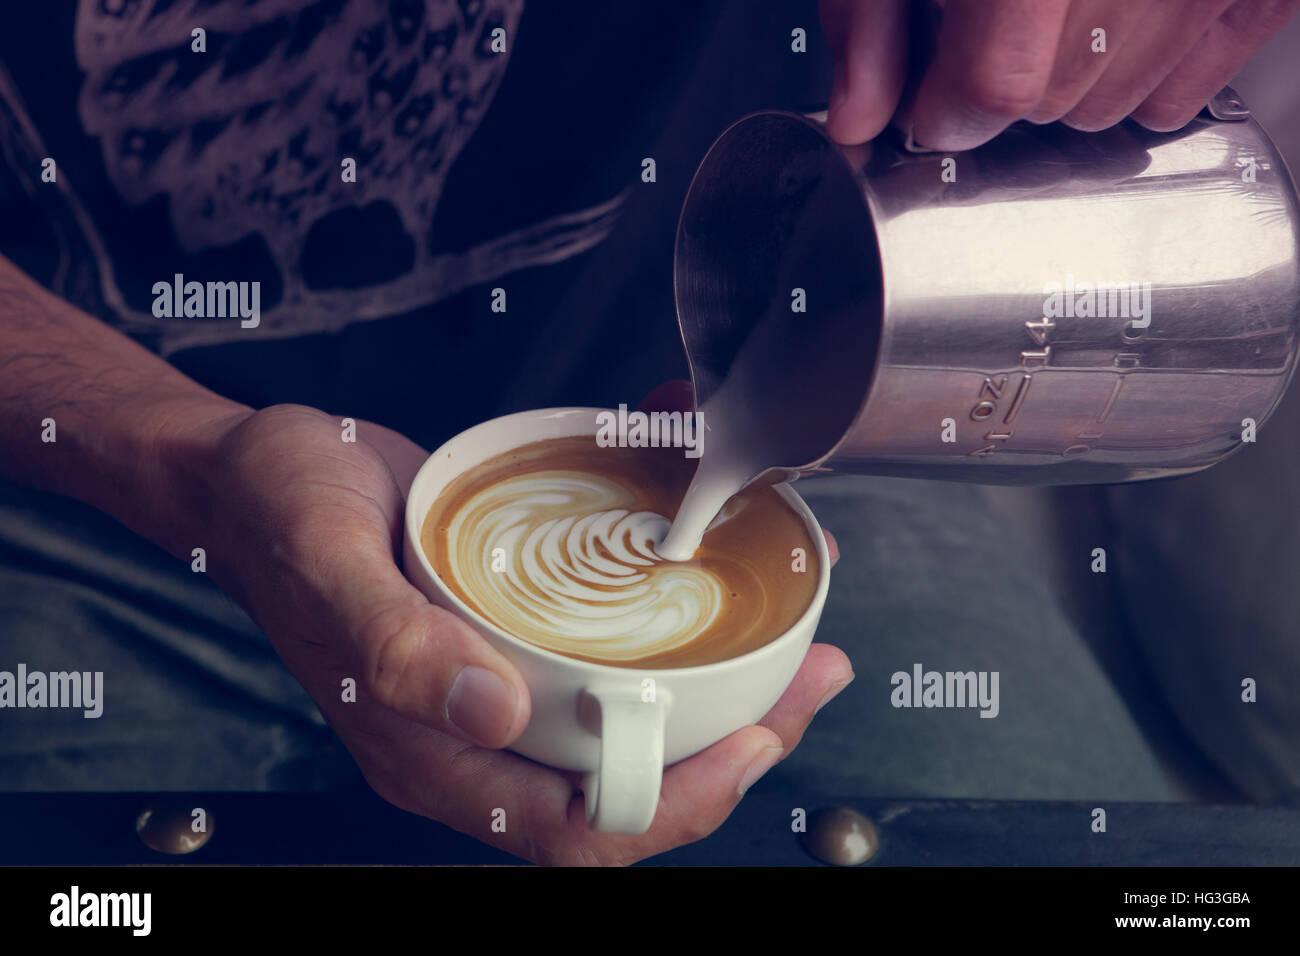 Il caffè latte art ' Rosetta ' , Vintage tono di colore Immagini Stock